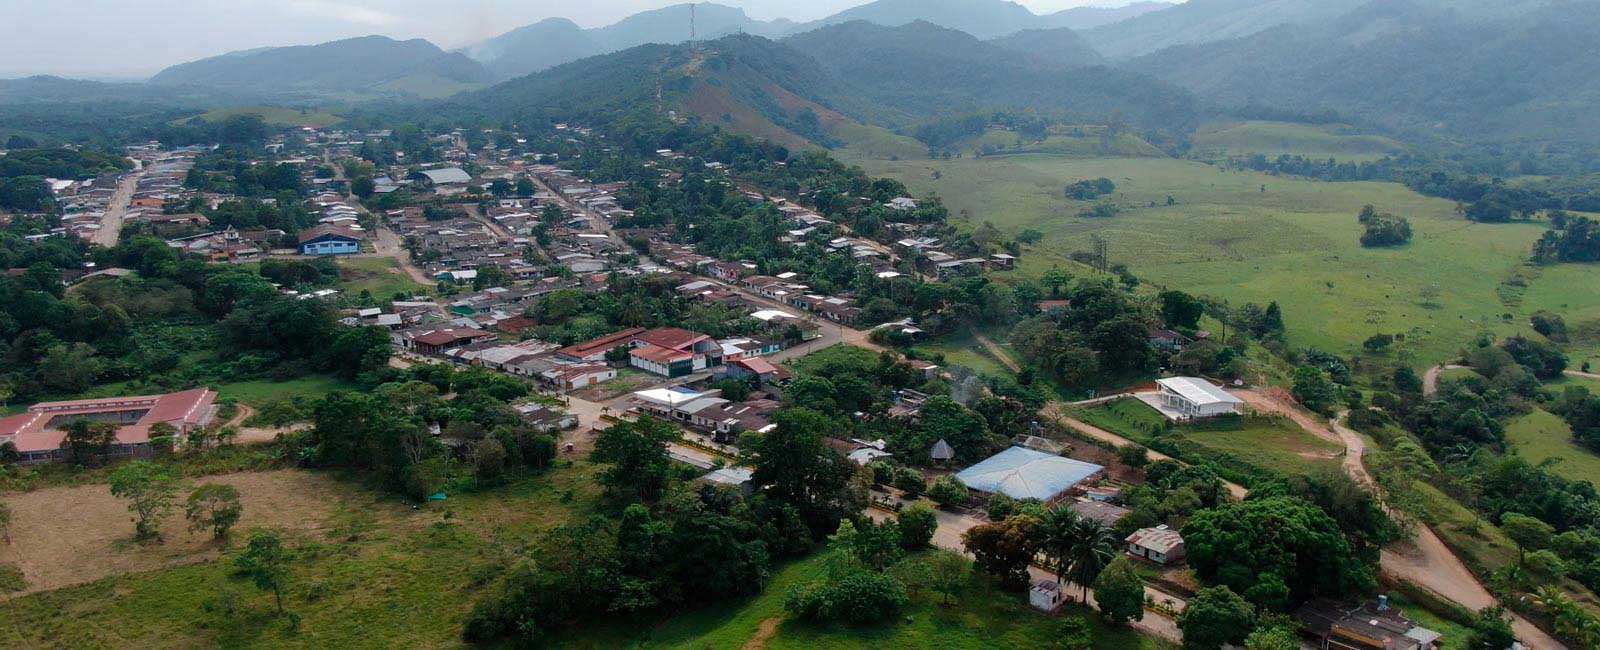 Belén de los Andaquíes, Caquetá. Foto por: Jhordy Gutierrez.